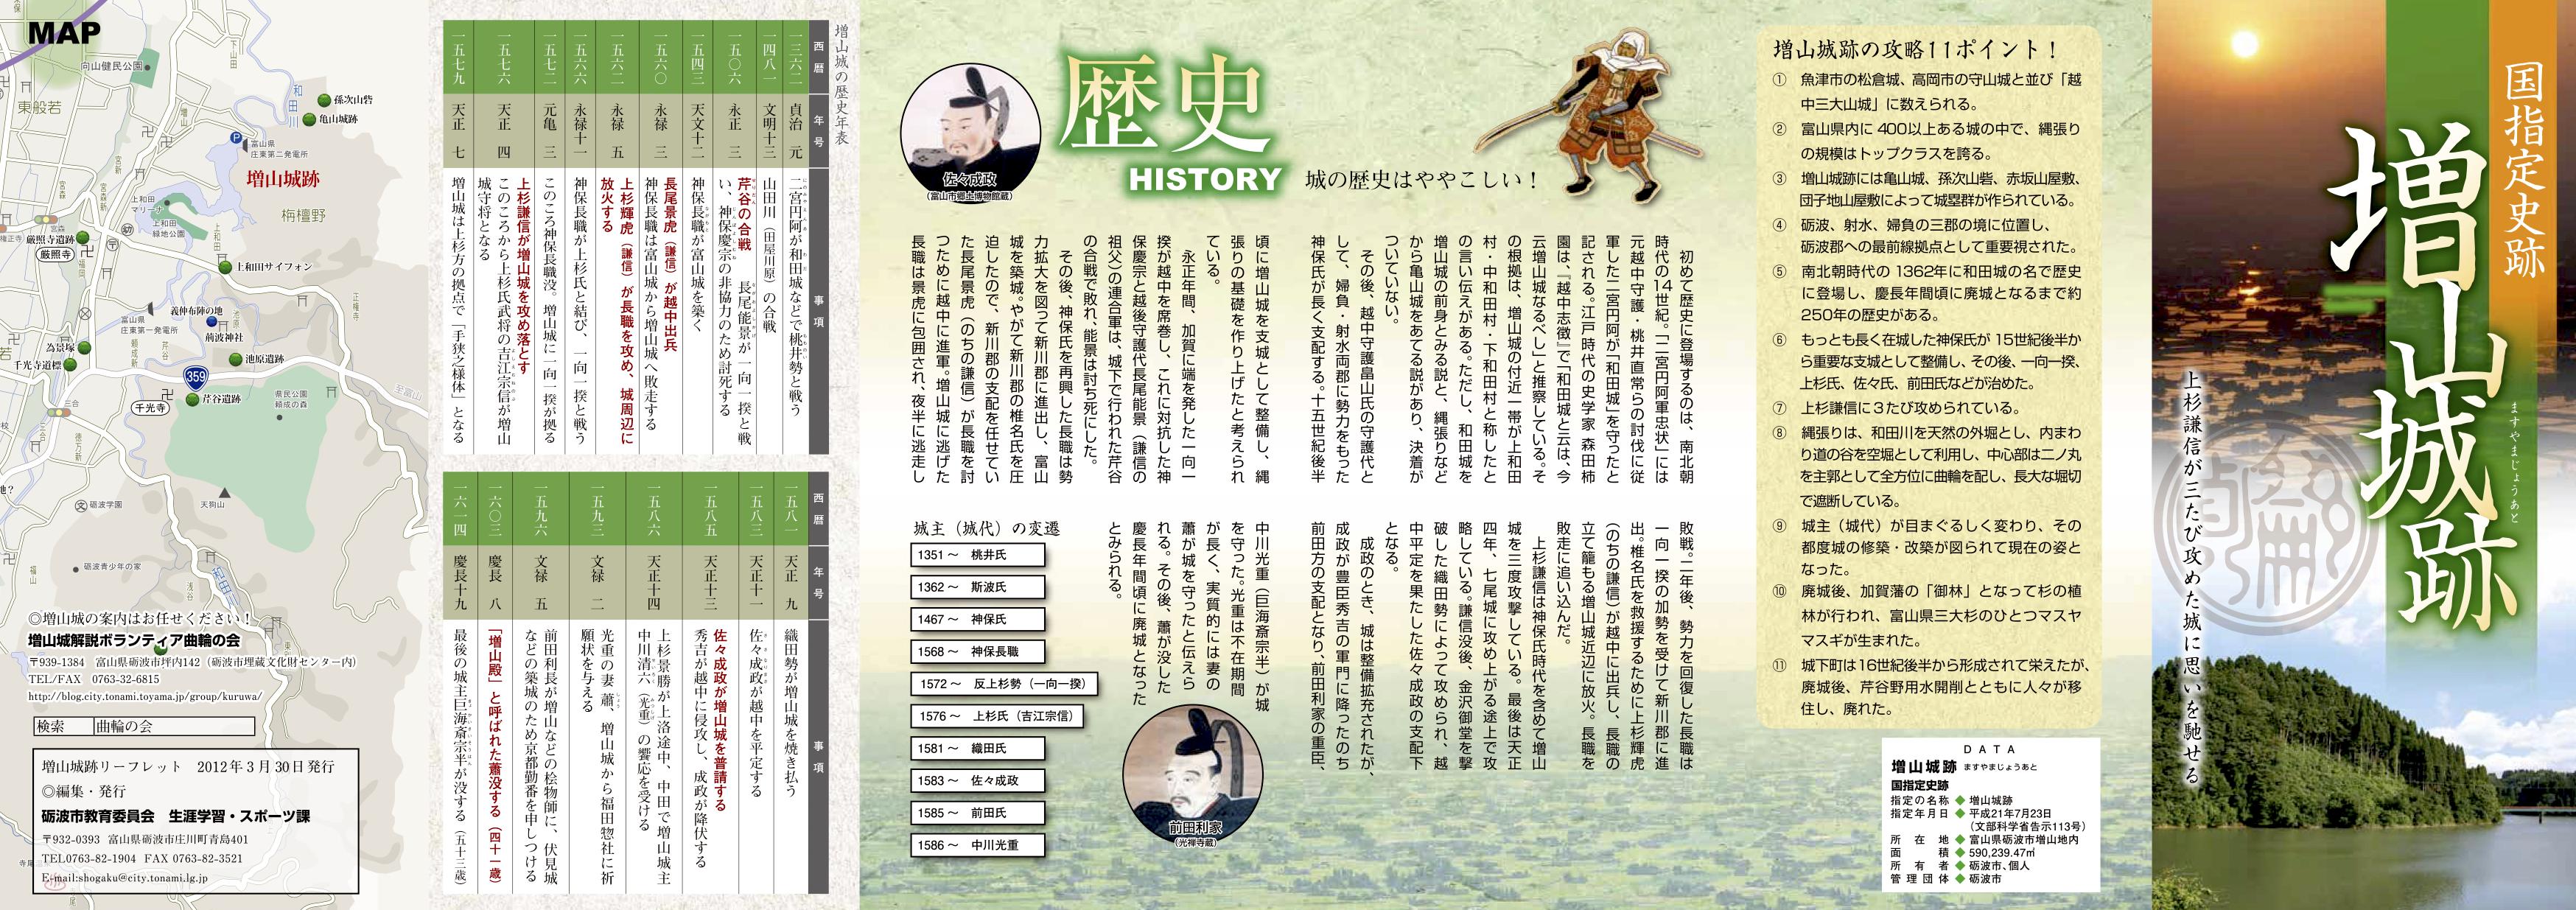 増山城跡のパンフレット